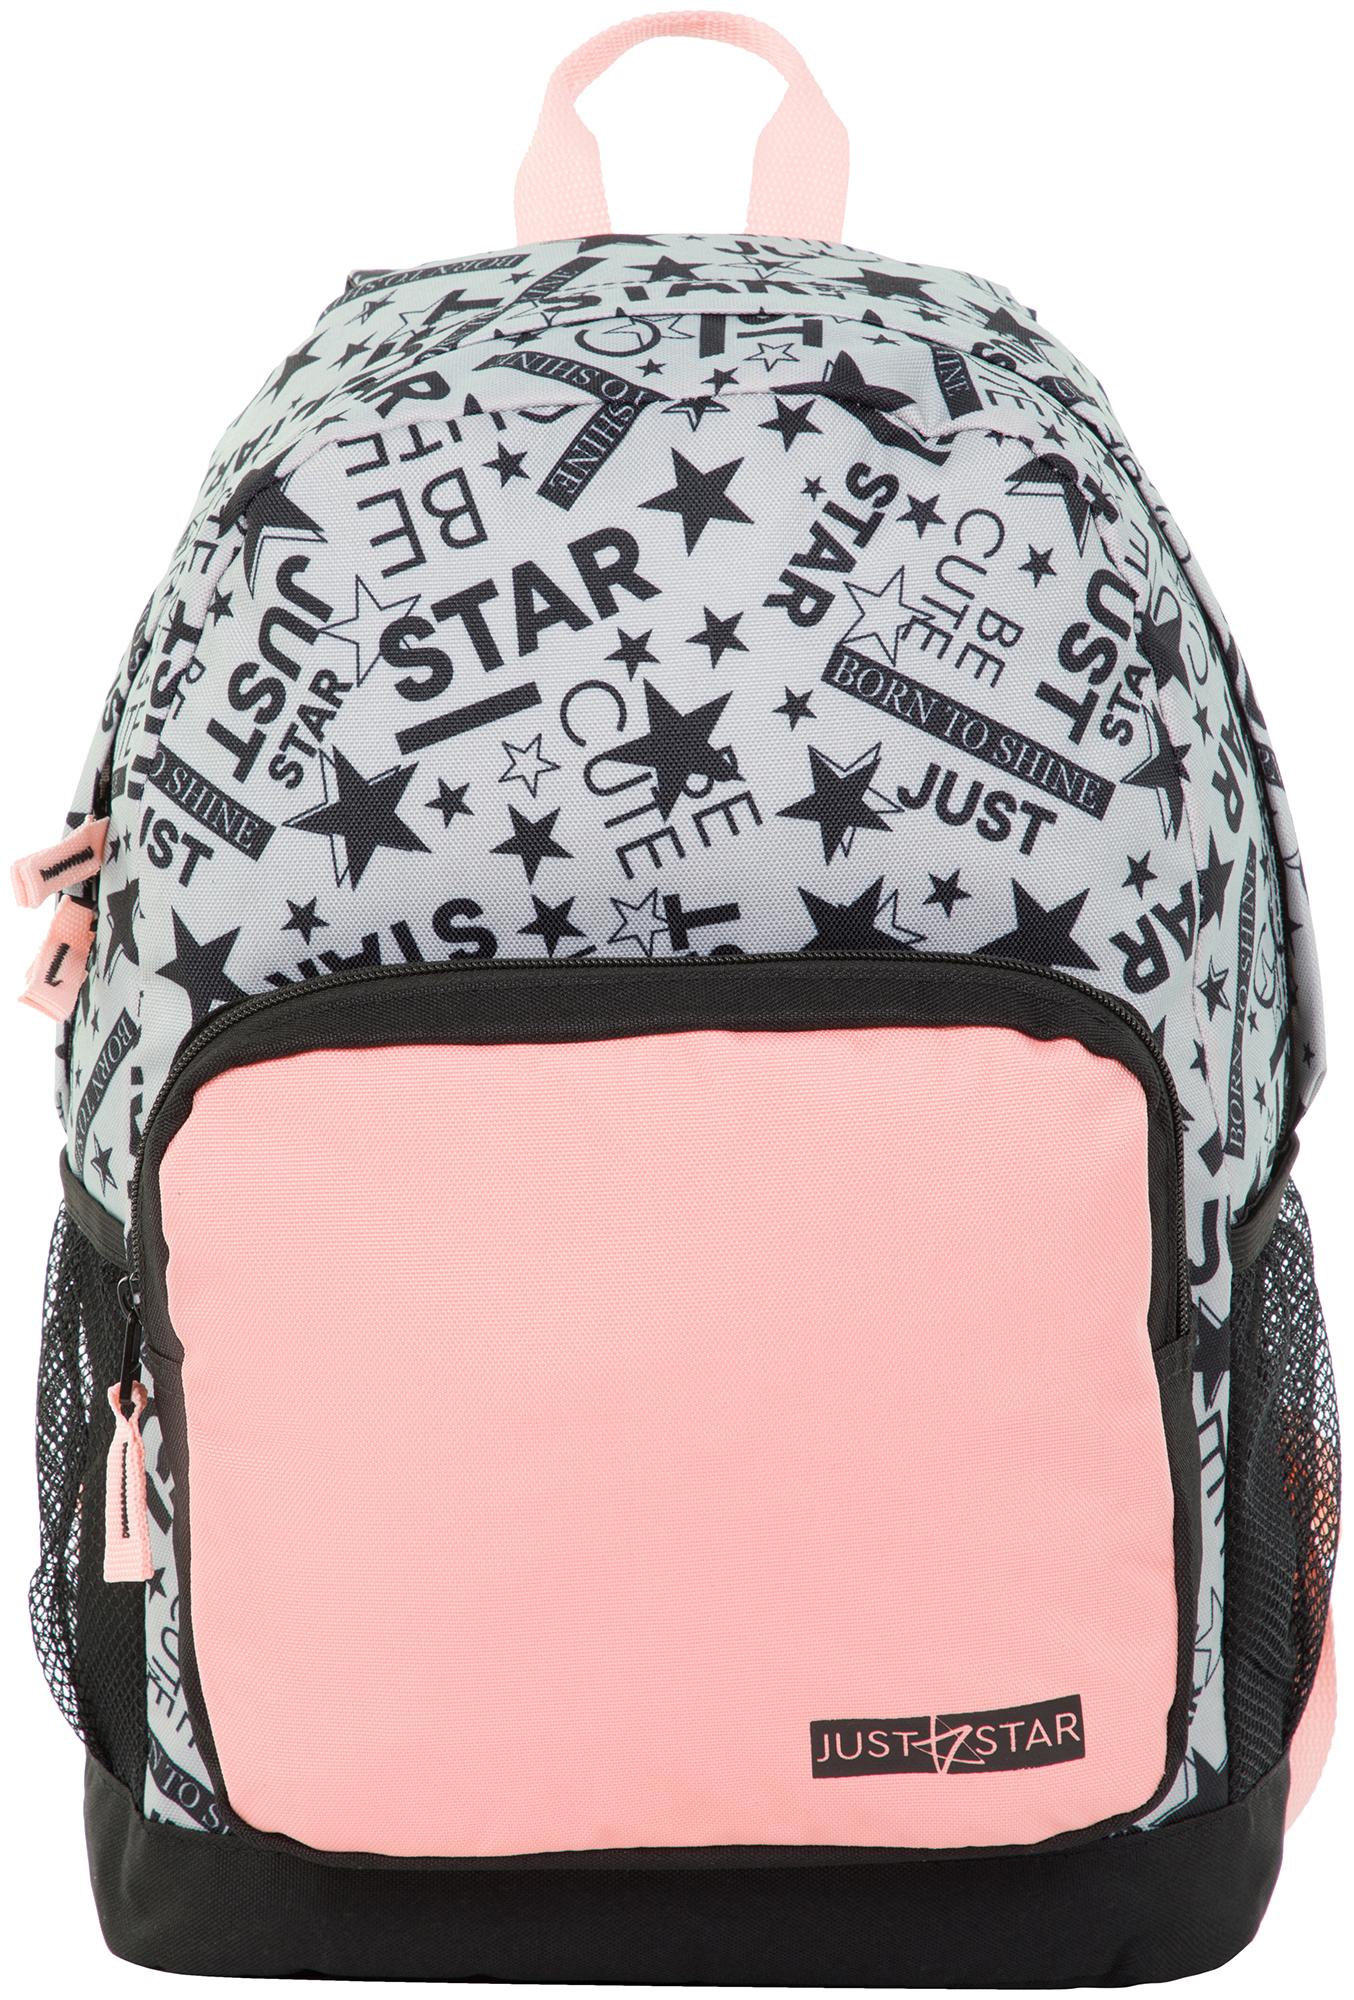 Demix Рюкзак для девочек Demix smjm средняя школьная сумка высокого качества жаккардовый легкий плечевой рюкзак для девочек pink daypack